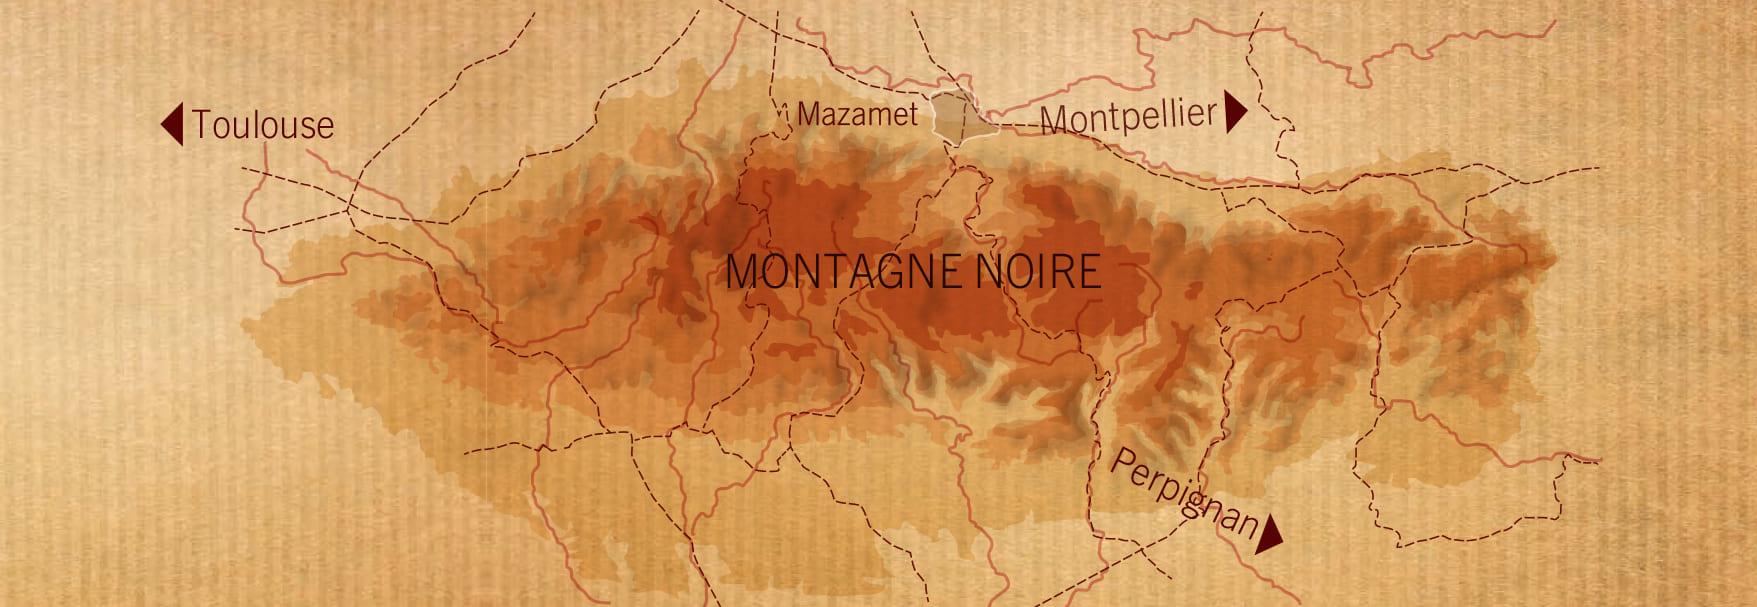 carte montagne noire